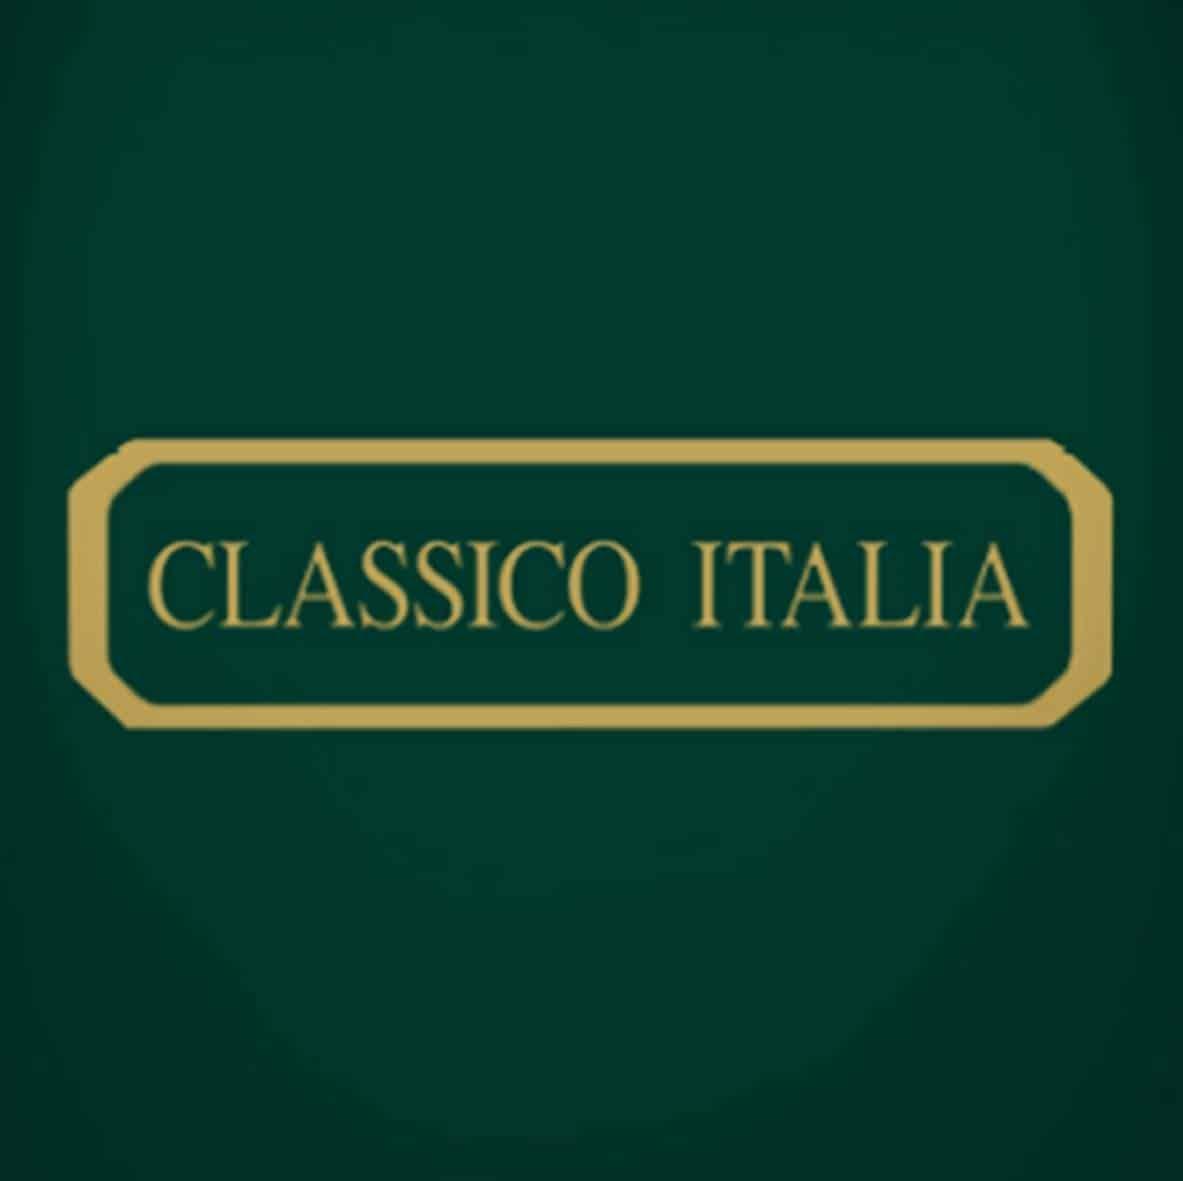 Classico Italia